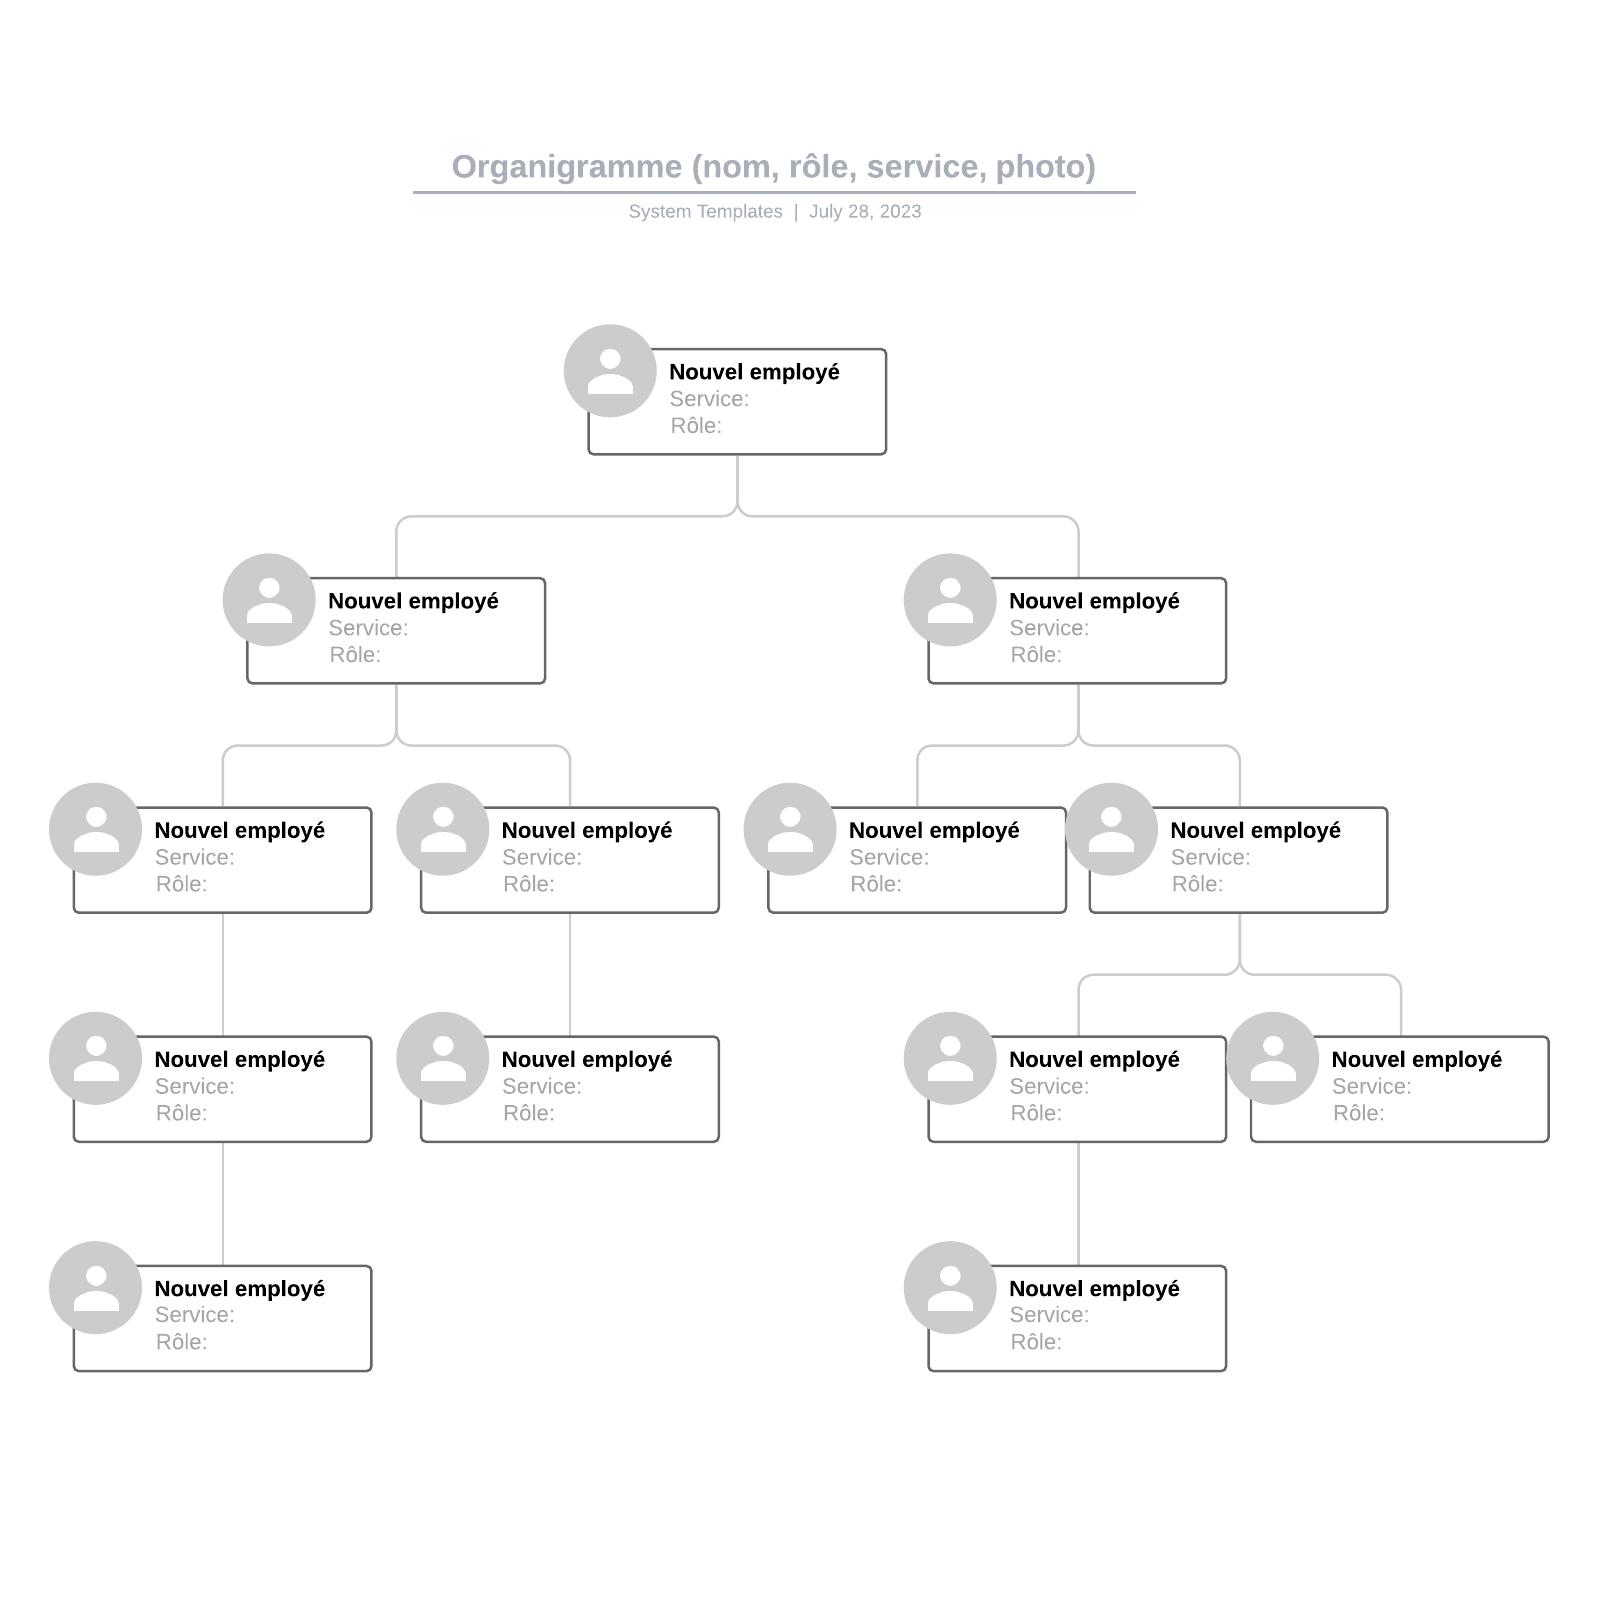 exemple d'organigramme (nom, rôle, service, photo) vierge